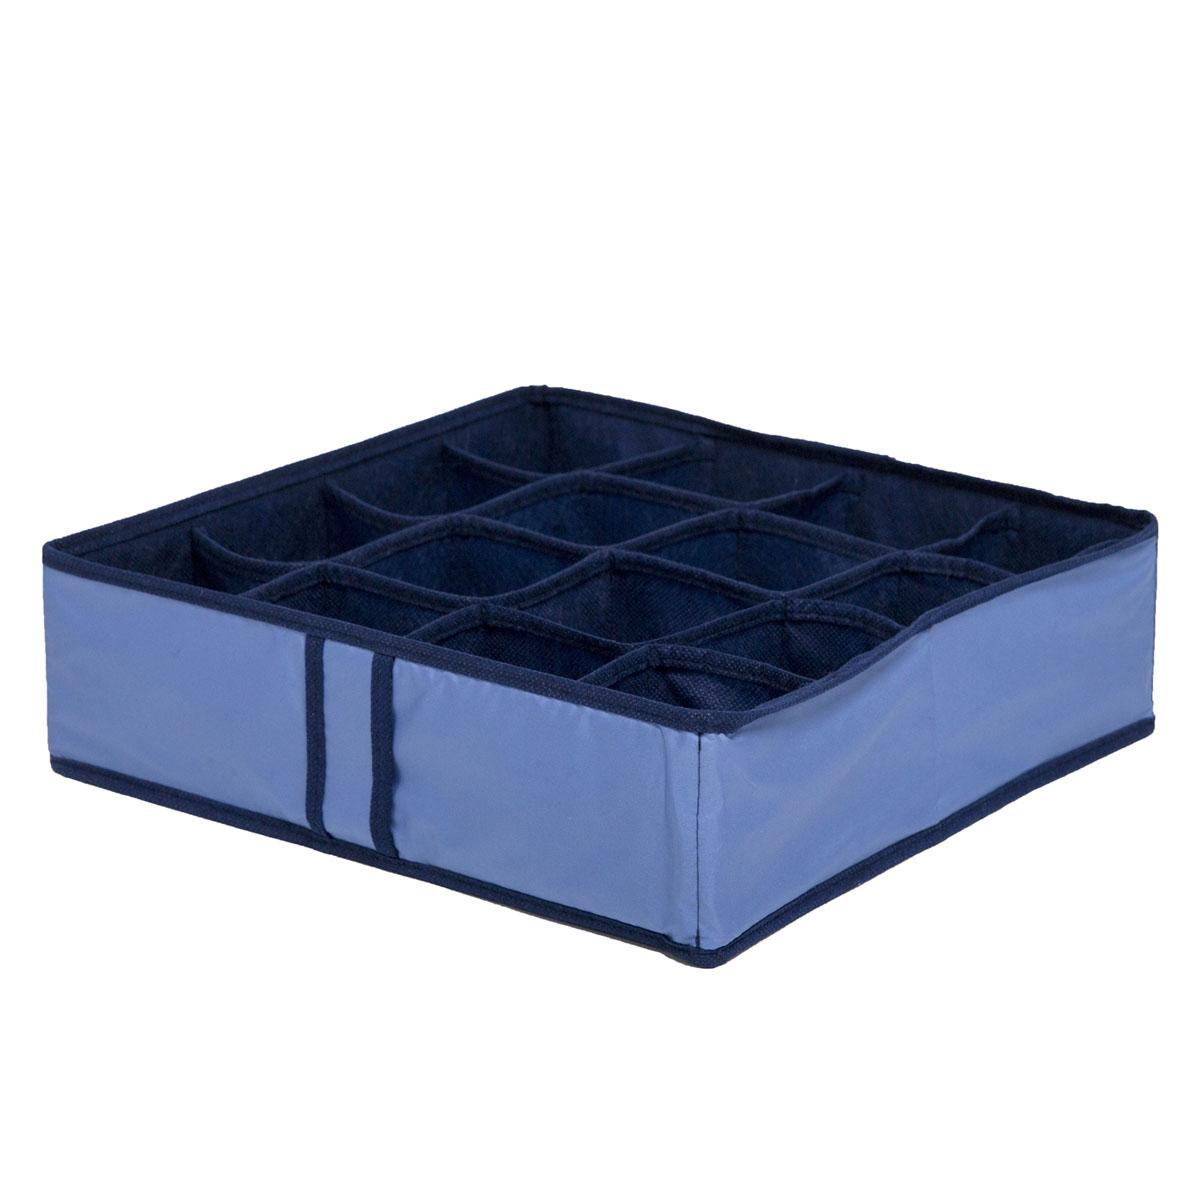 Органайзер для хранения вещей Homsu Bluе Sky, 16 секций, 35 x 35 x 10 смHOM-54Компактный органайзер Homsu Bluе Sky изготовлен из высококачественного полиэстера, который обеспечивает естественную вентиляцию. Материал позволяет воздуху свободно проникать внутрь, но не пропускает пыль. Органайзер отлично держит форму, благодаря вставкам из плотного картона. Изделие имеет 16 квадратных секций для хранения нижнего белья, колготок, носков и другой одежды. Такой органайзер позволит вам хранить вещи компактно и удобно.